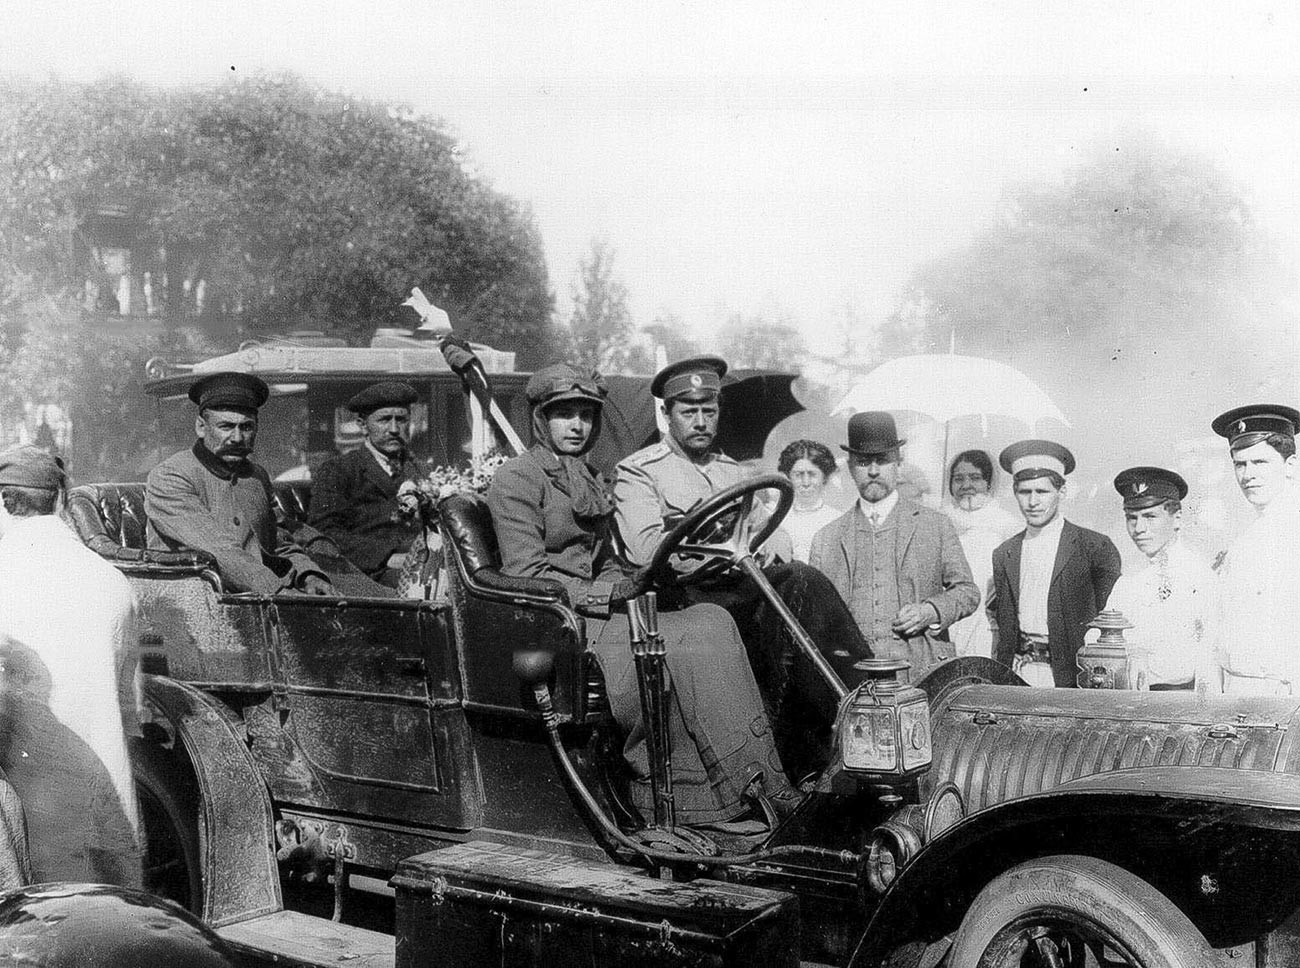 Un'immagine del Rally Internazionale del Premio dell'Imperatore Nicola II